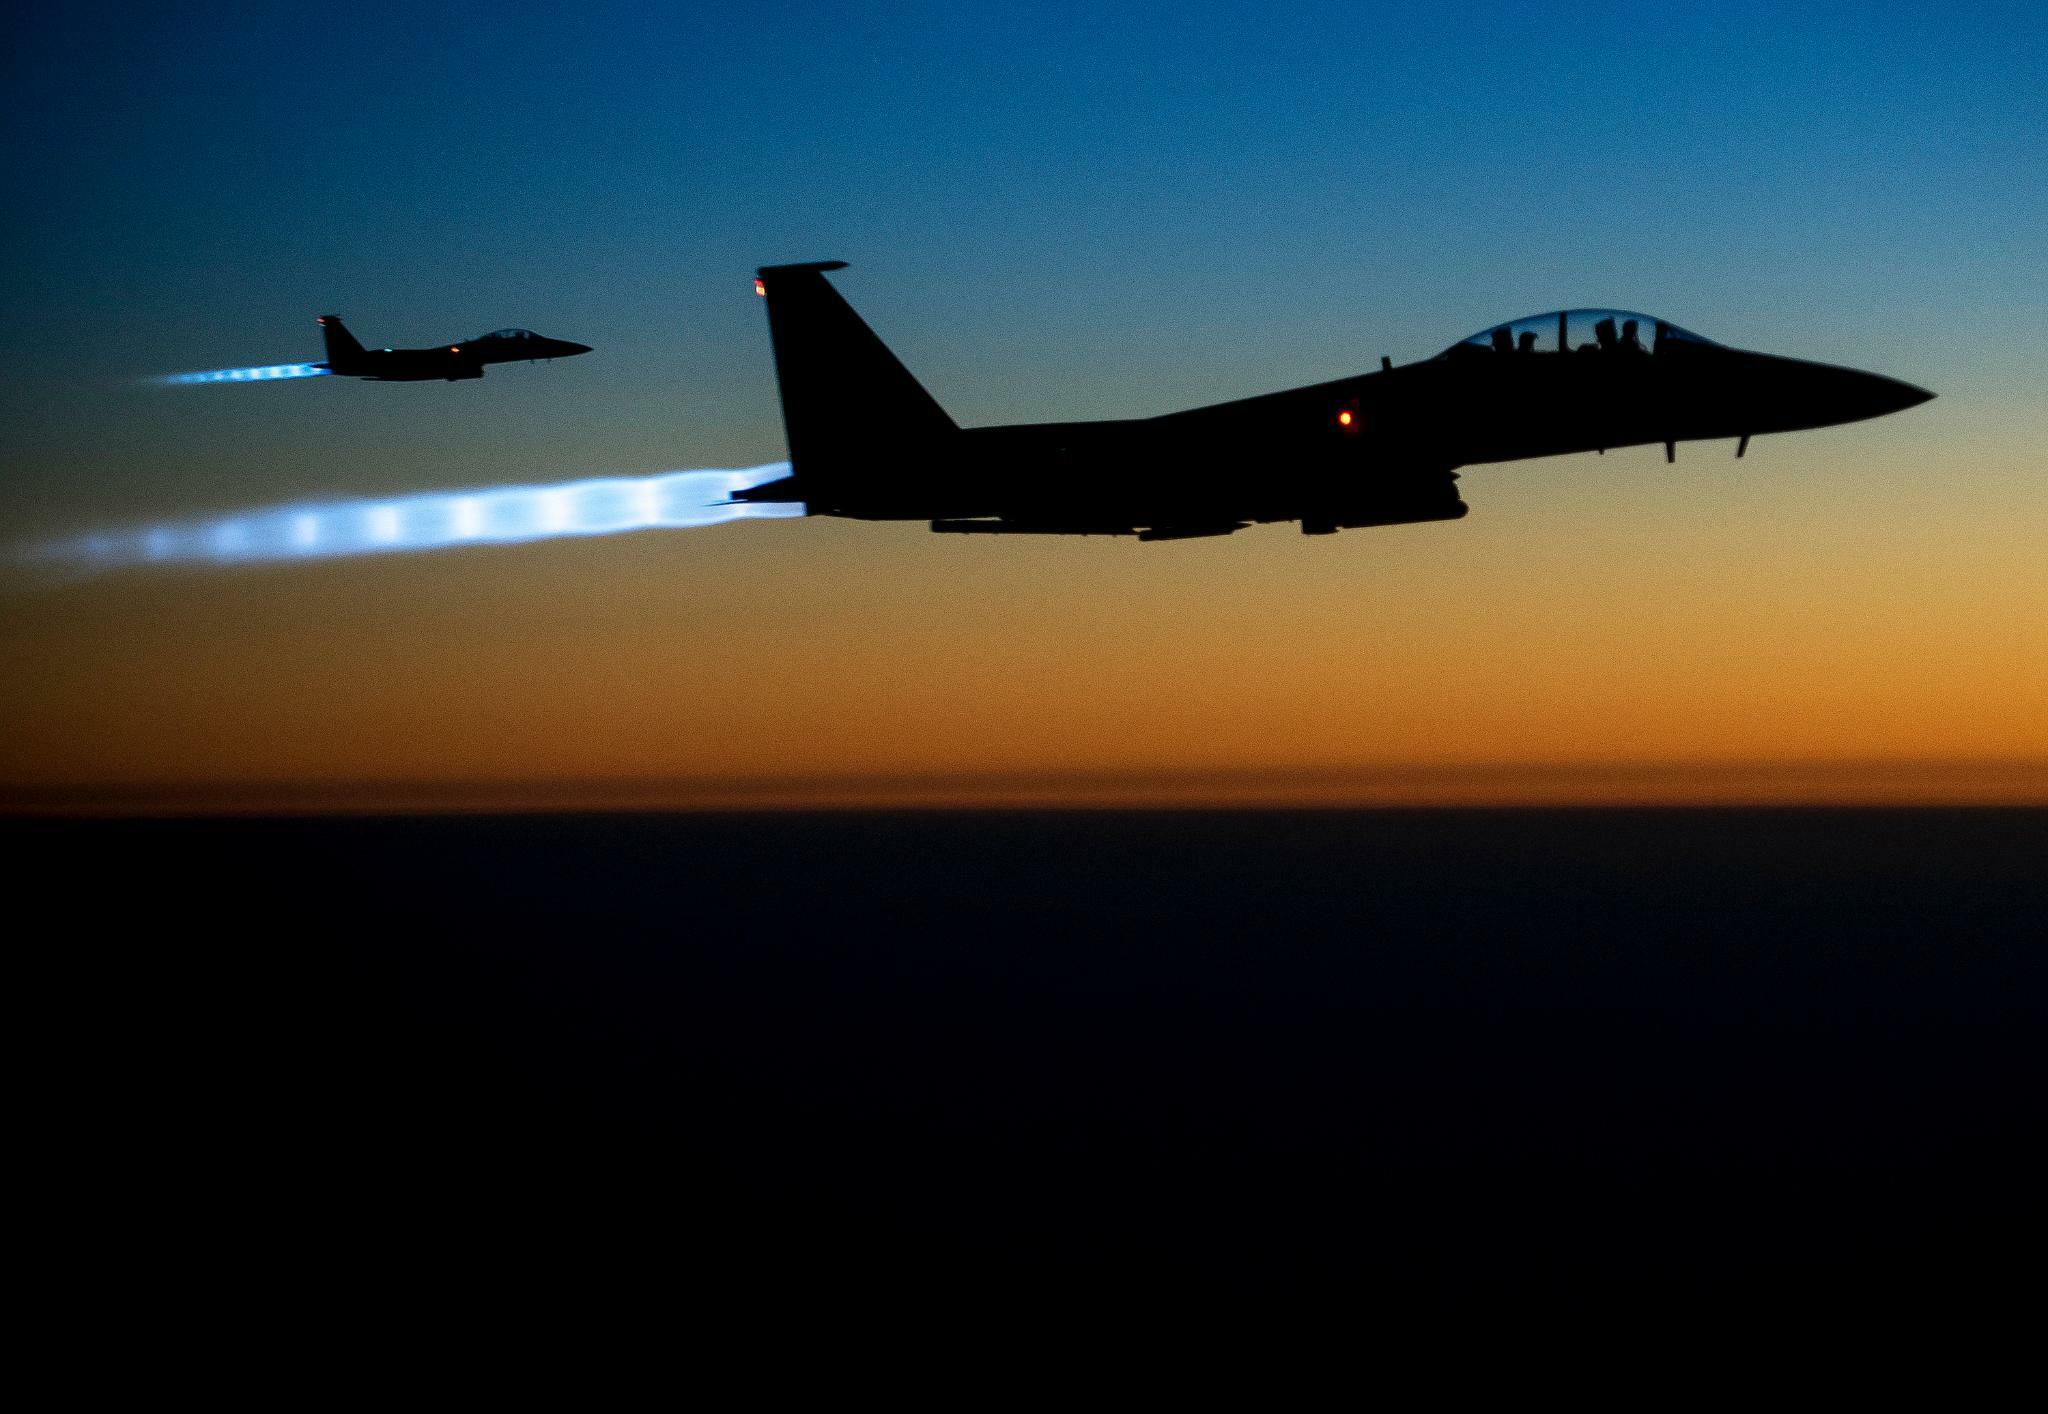 Militärkoalition: Anti-IS-Koalition im Irak nimmt Aktivitäten teils wieder auf